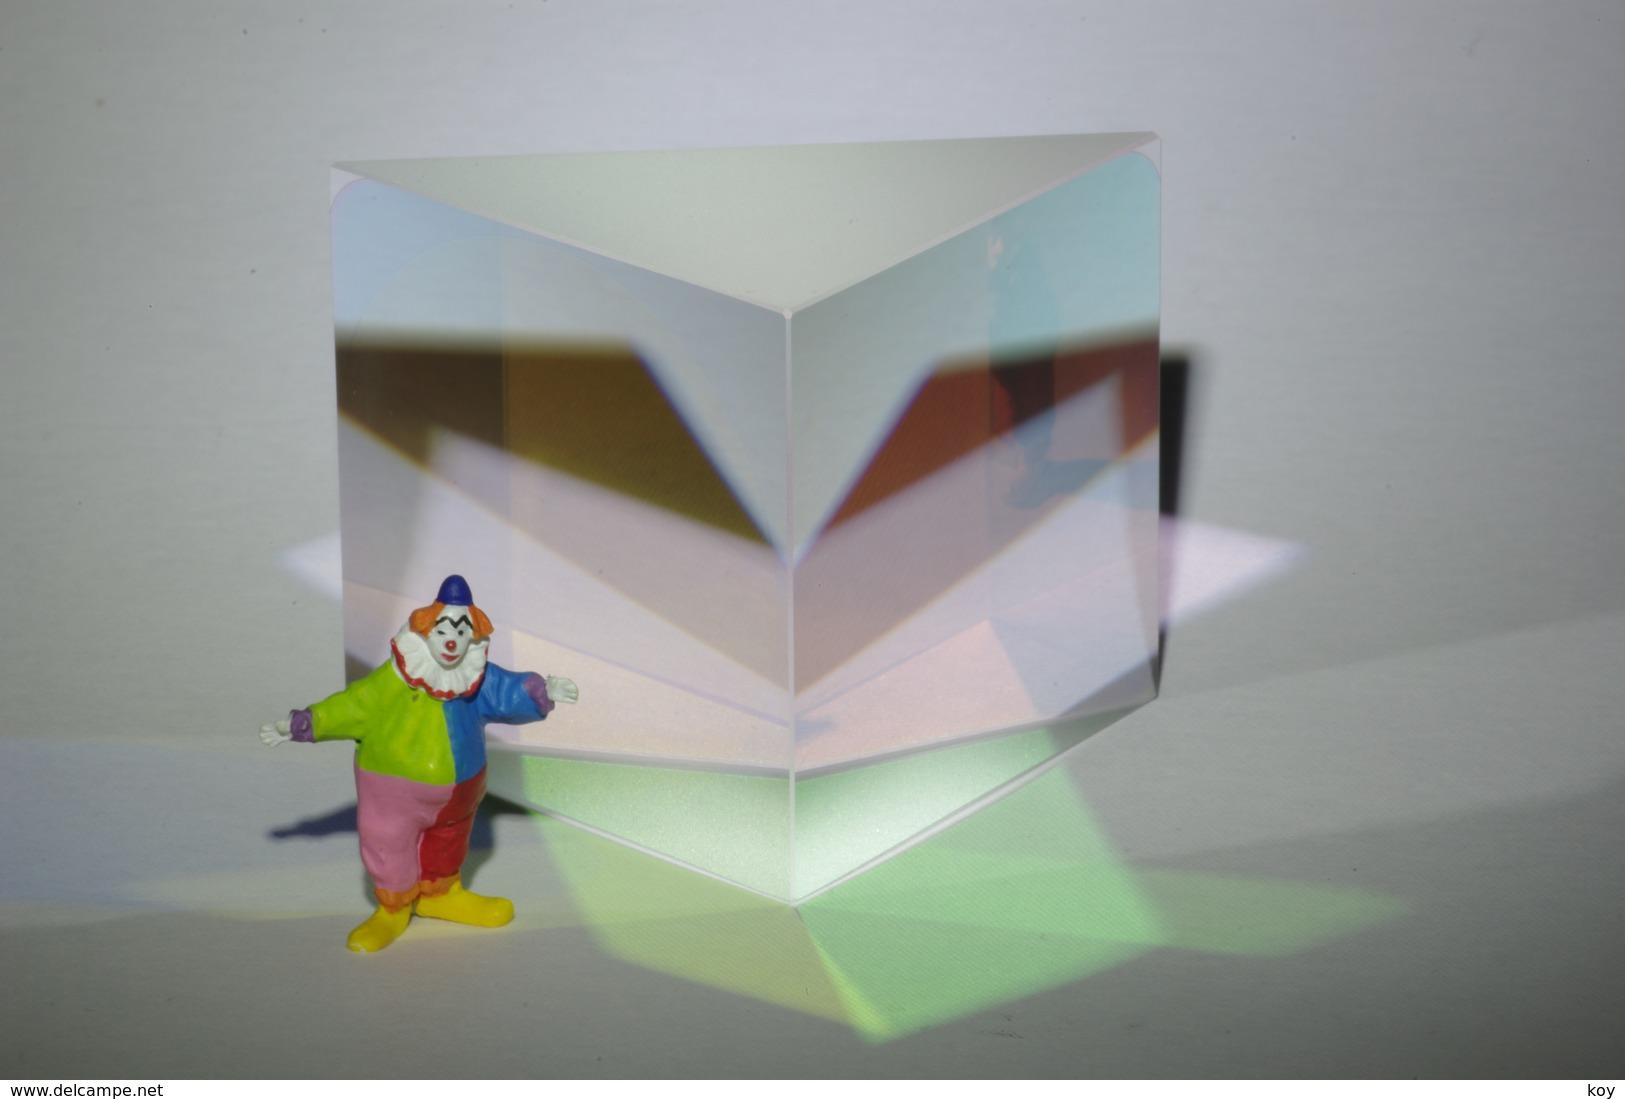 86 ° PRISM 34.0 MM   HQO - Prismas